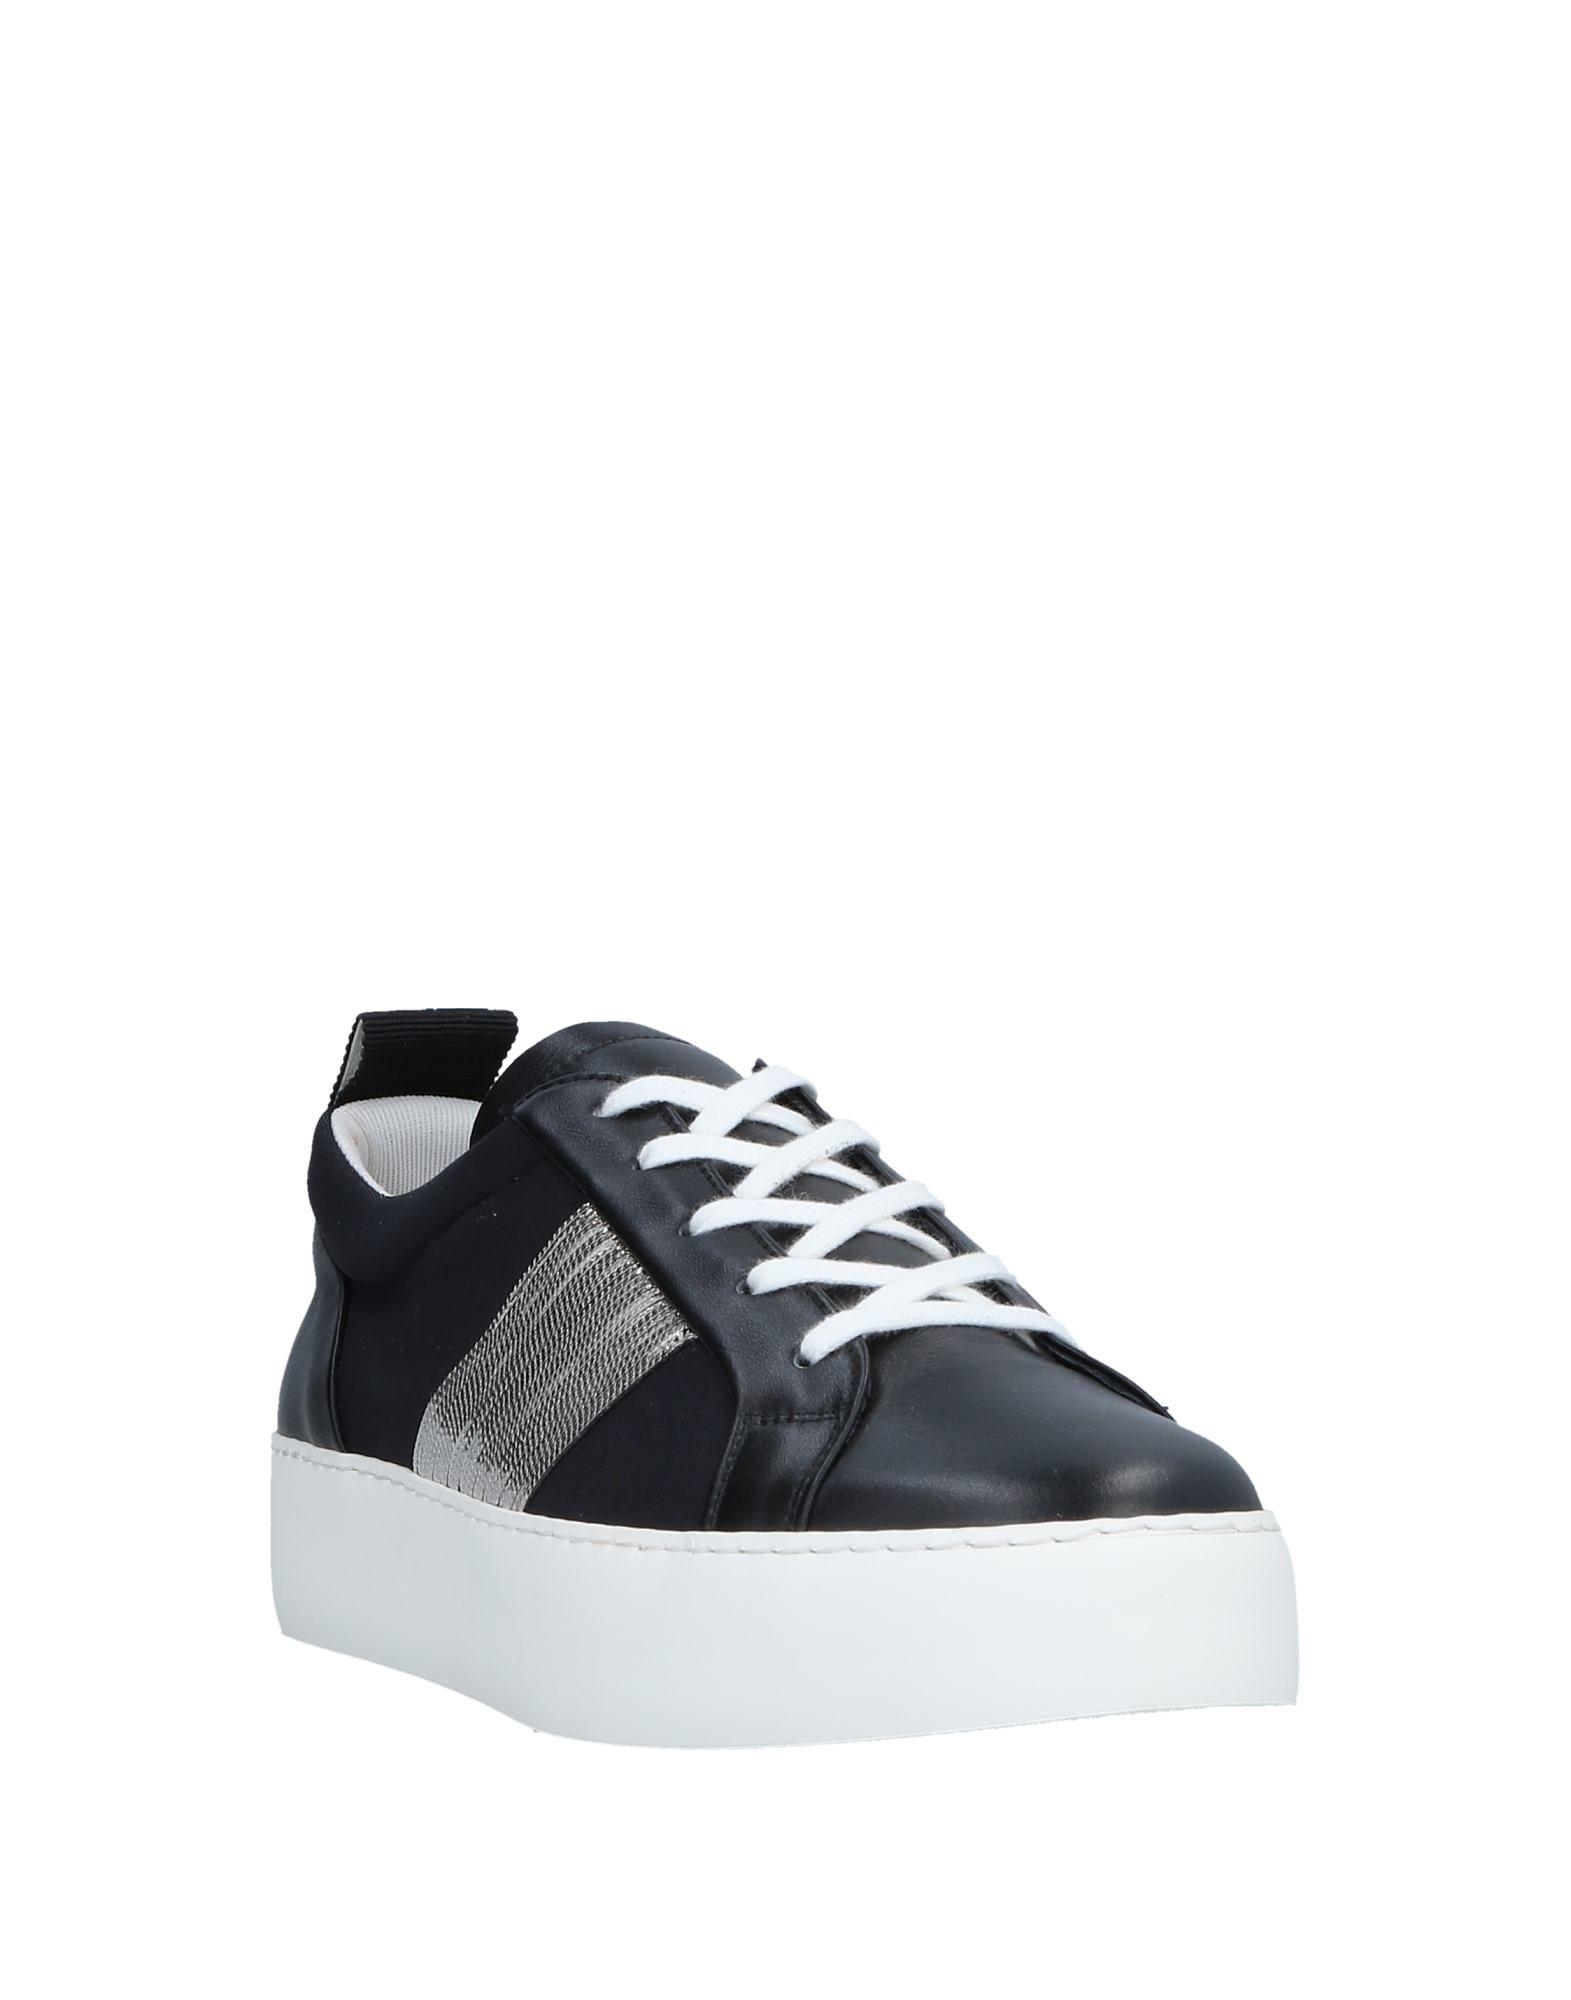 Sneakers Baldinini Trend Donna Donna Donna - 11538963IB a2da30